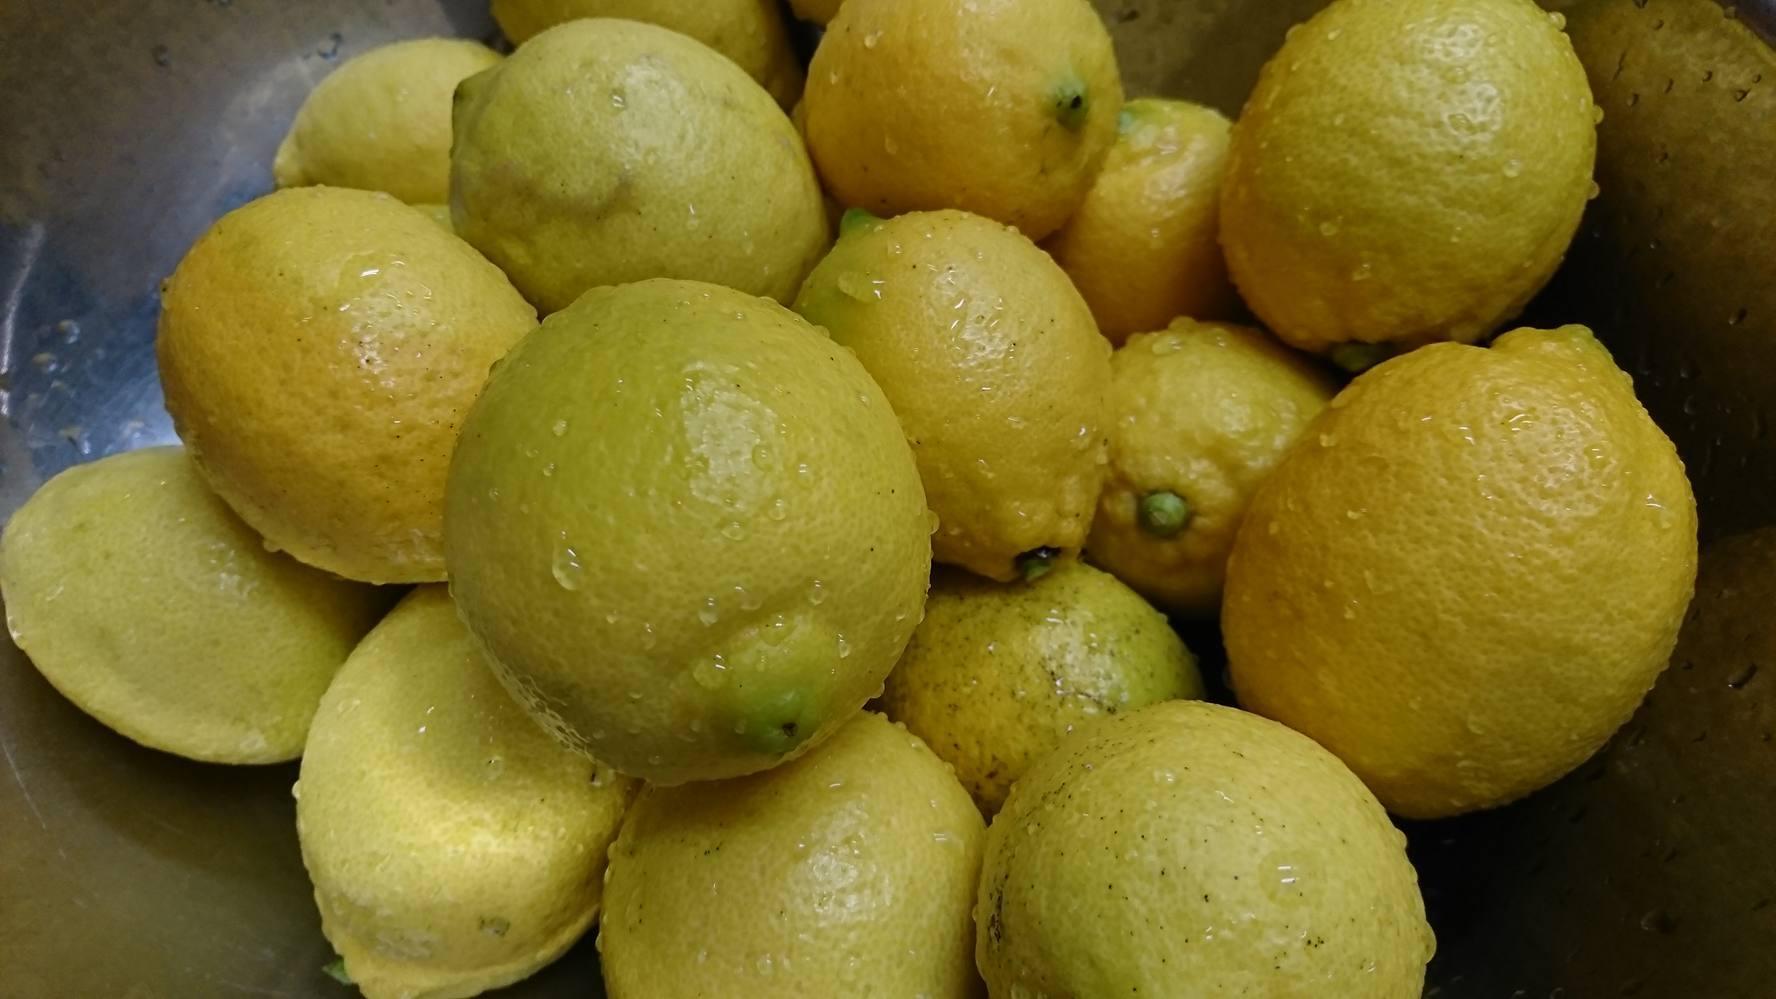 年末、年始のお知らせ、お歳暮作り、レモン、柚子、かぼす、冬の仕込み。_a0125419_08244302.jpg